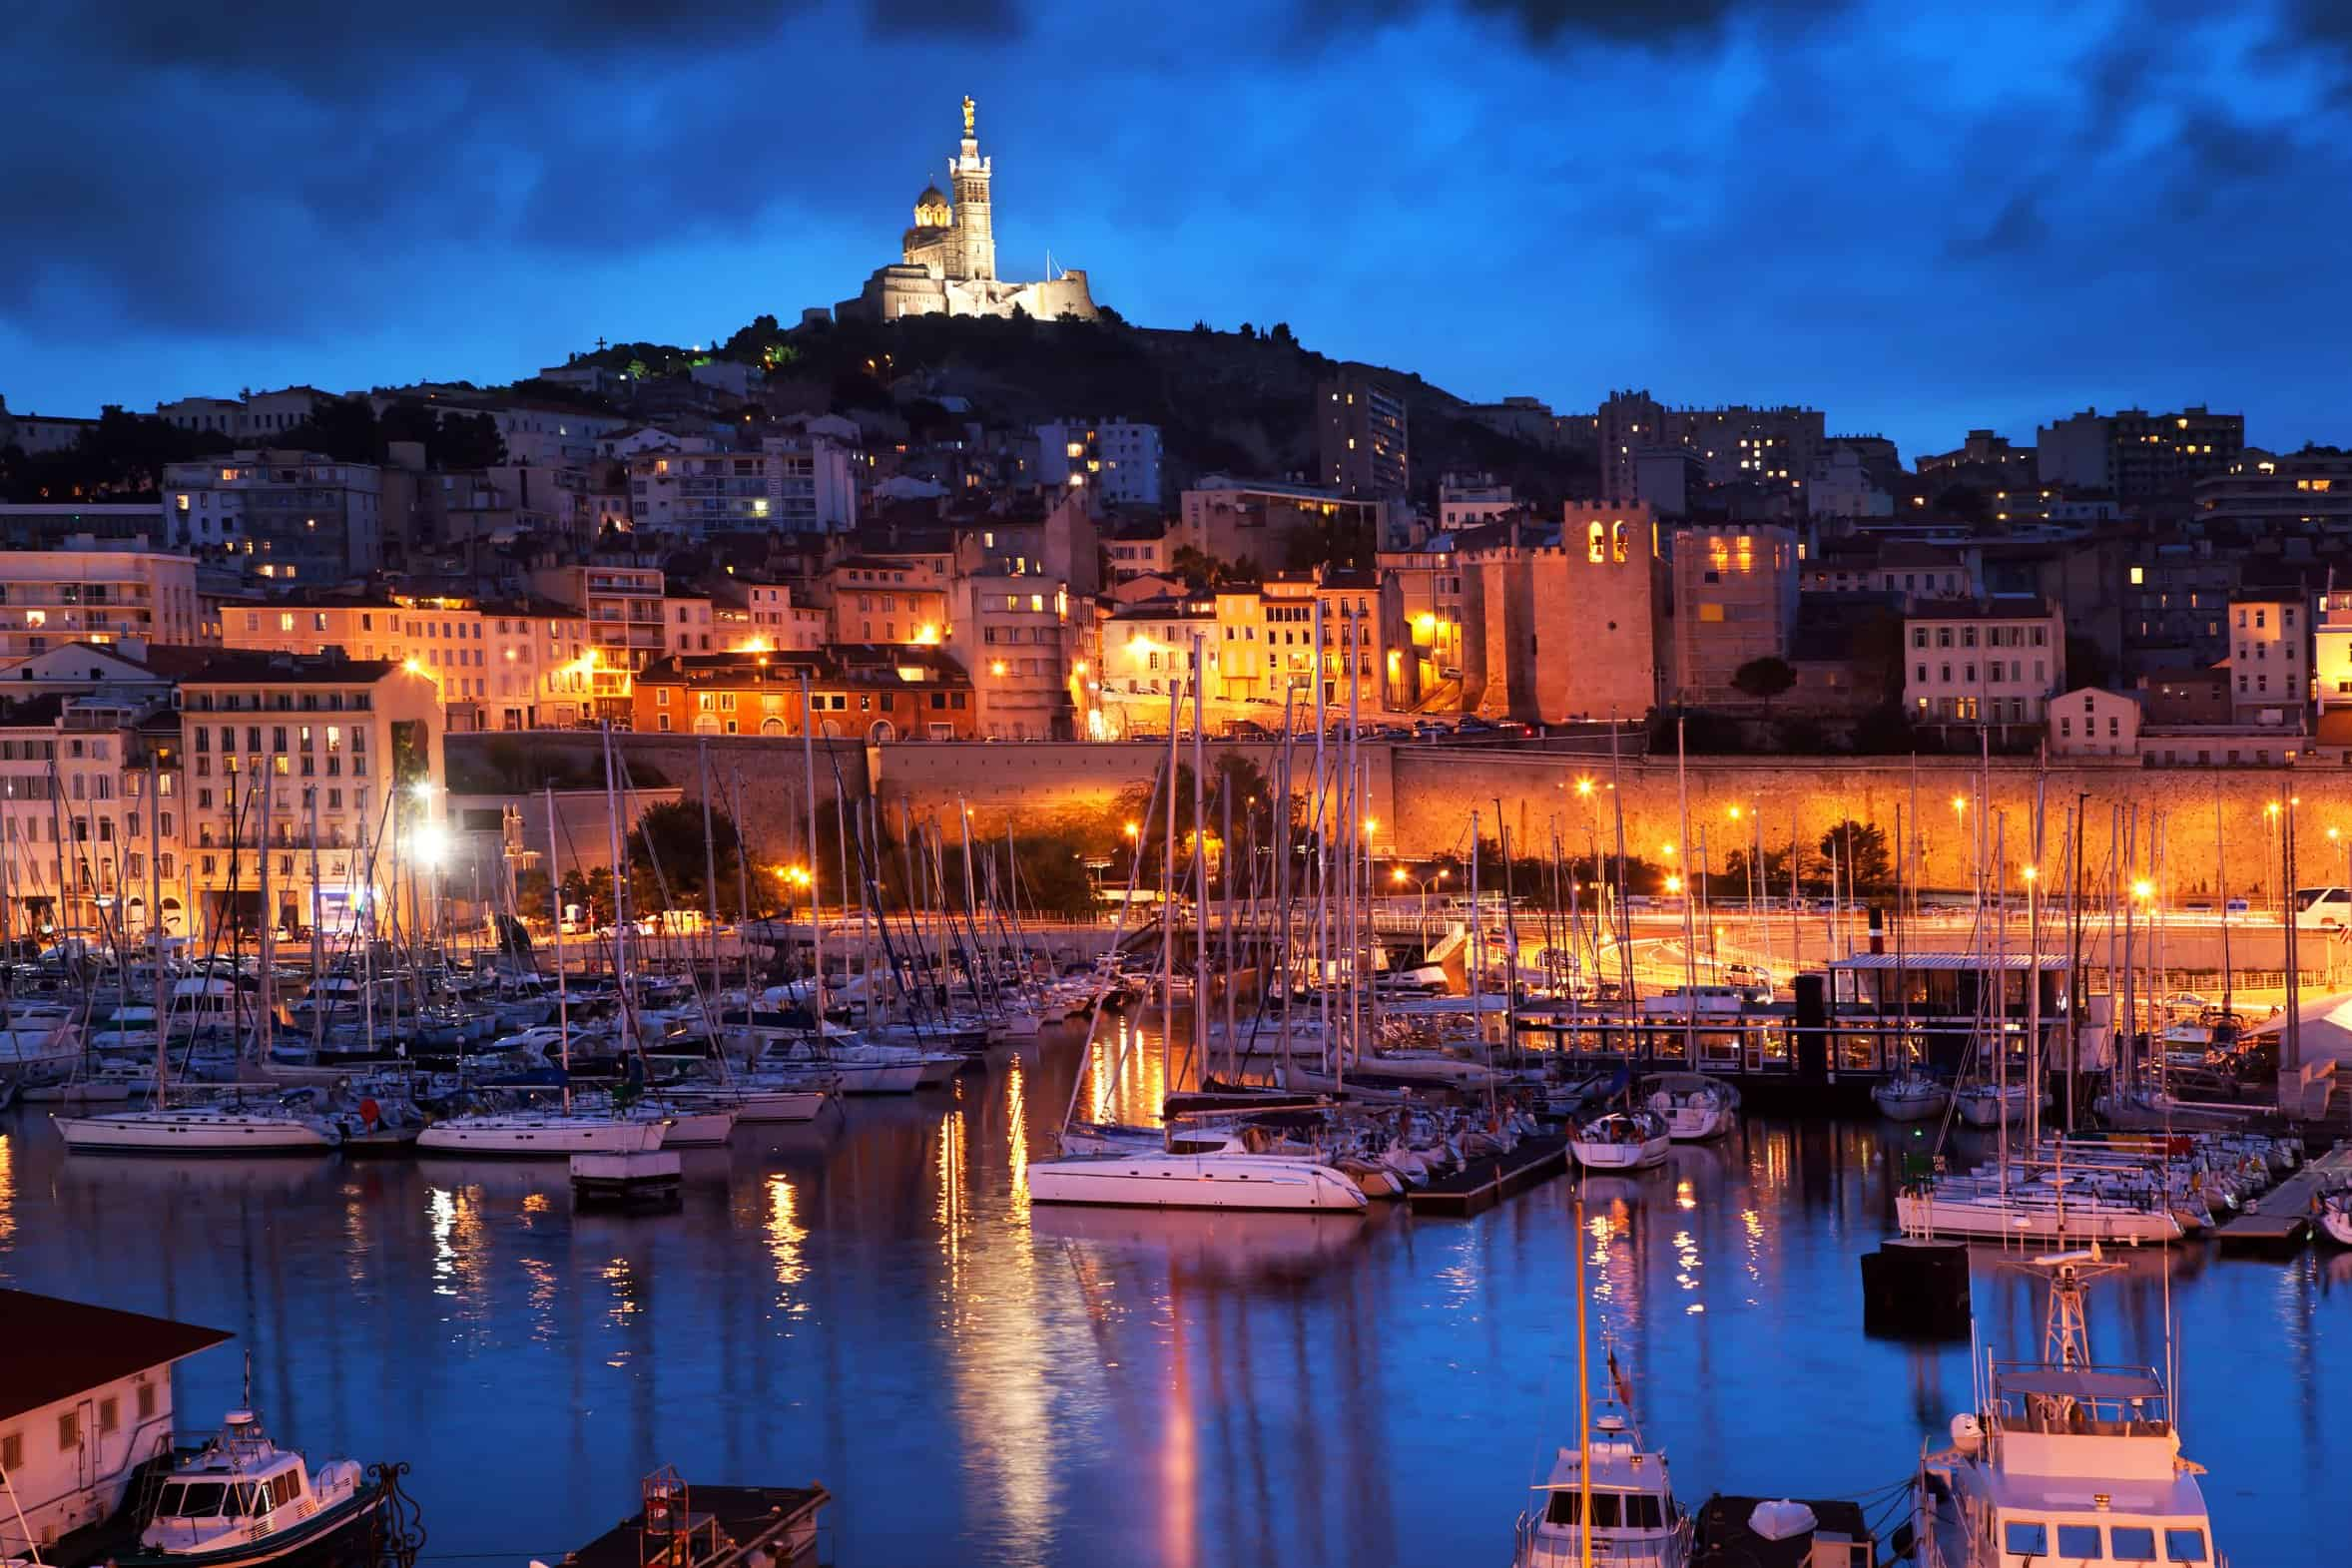 افضل 5 من فنادق مرسيليا فرنسا نوصيك بها 2020